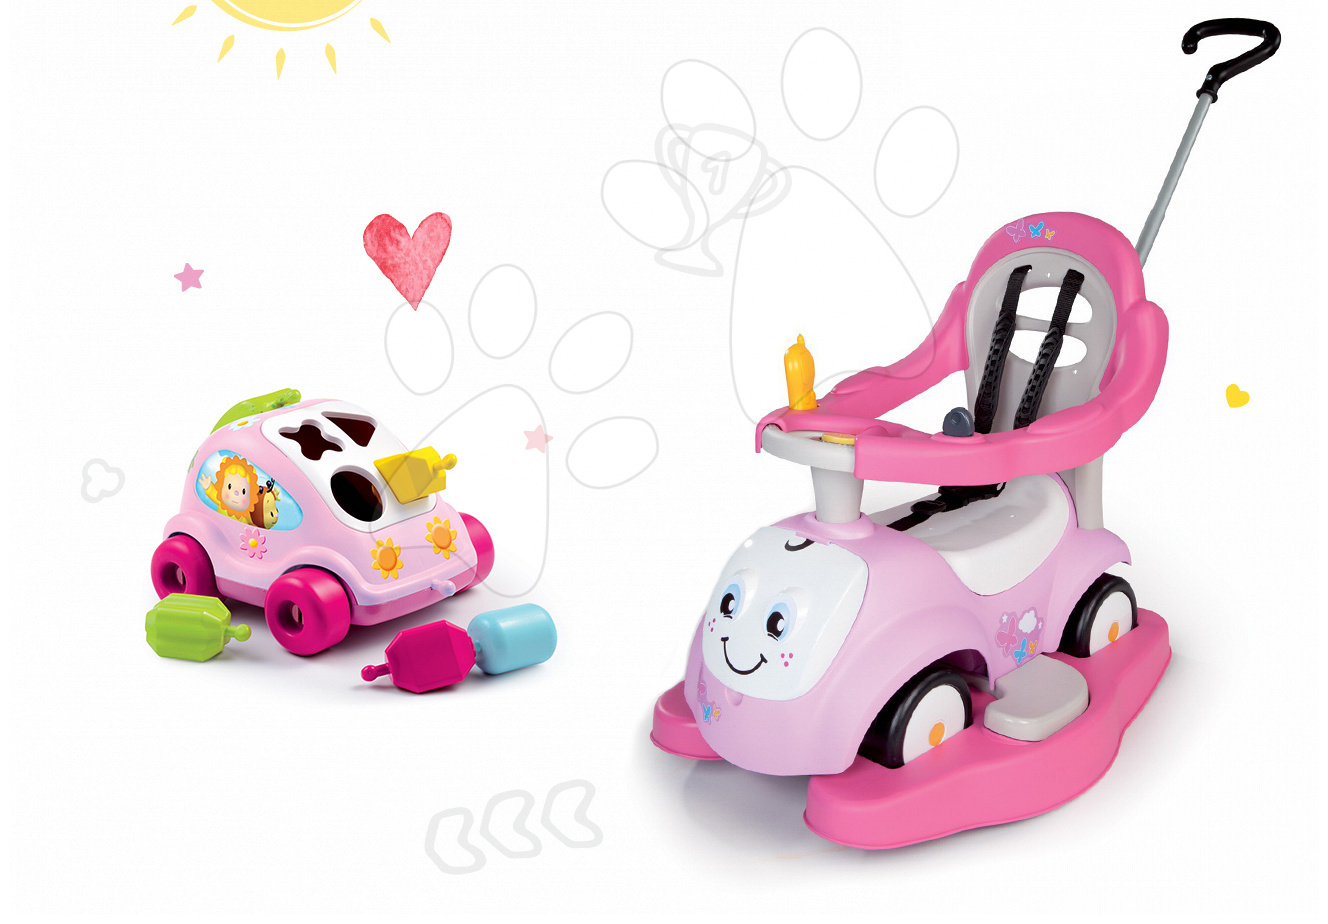 Set odrážedlo Maestro II Balade s houpačkou růžové a autíčko Brouček Cotoons růžové Smoby od 6 měsíců